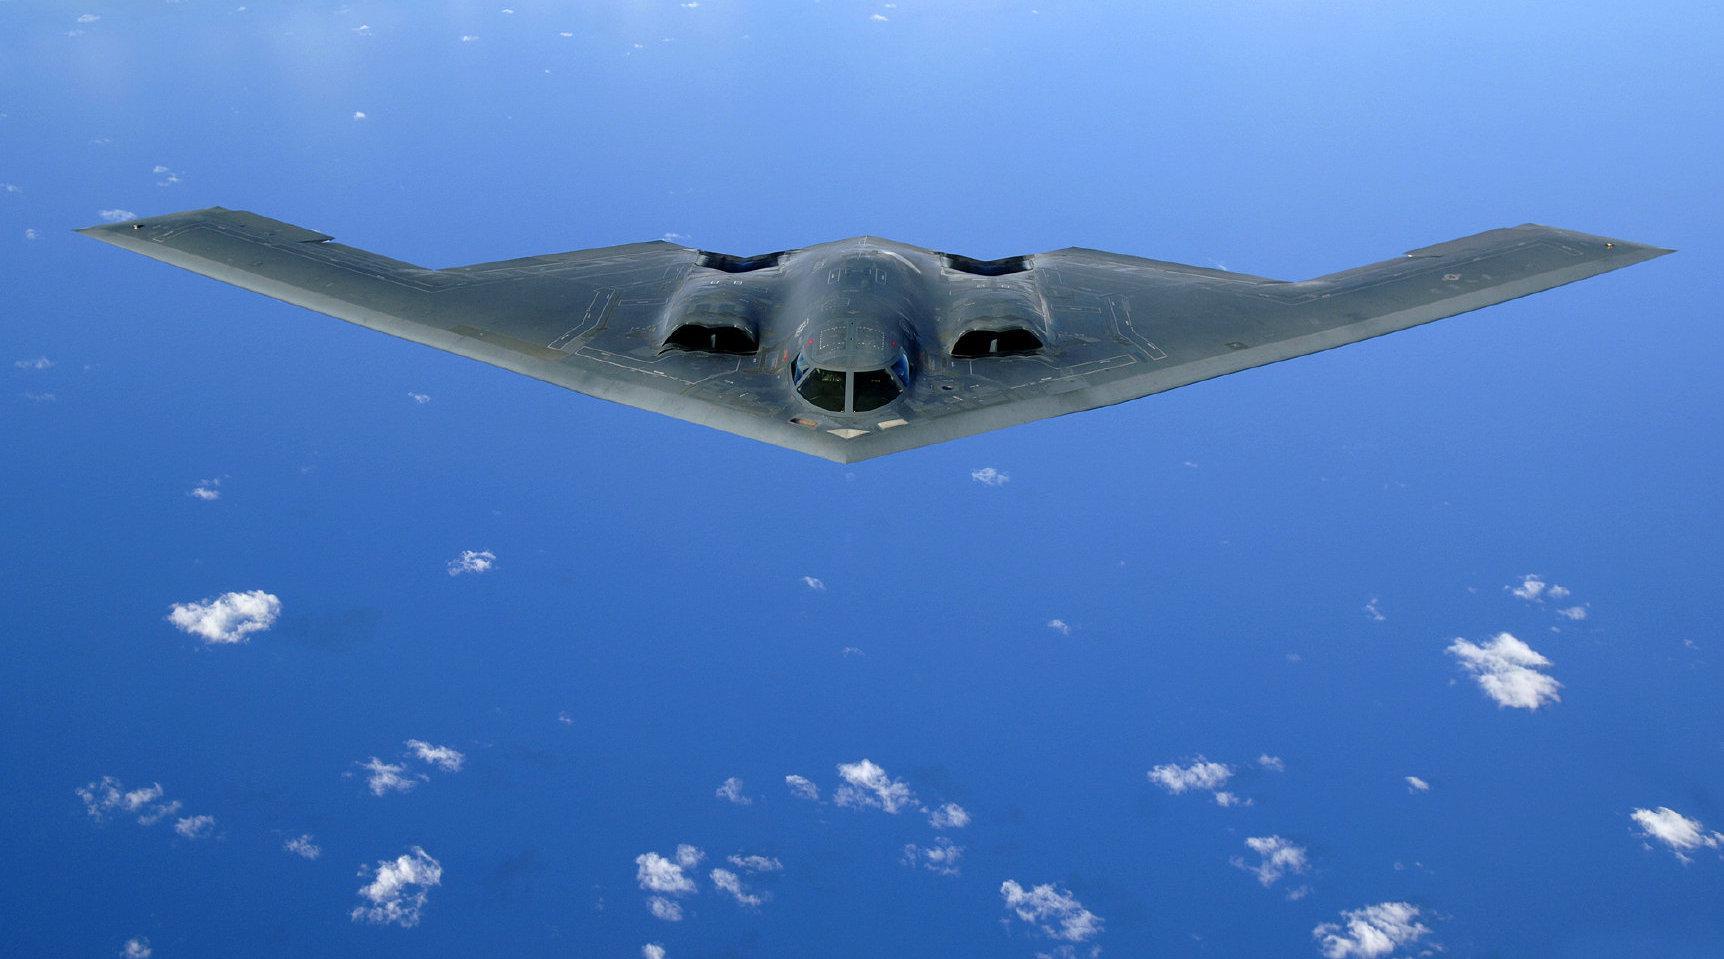 世界最强大的轰炸机,没有之一!张召忠:仅一块板能买上百辆奥迪